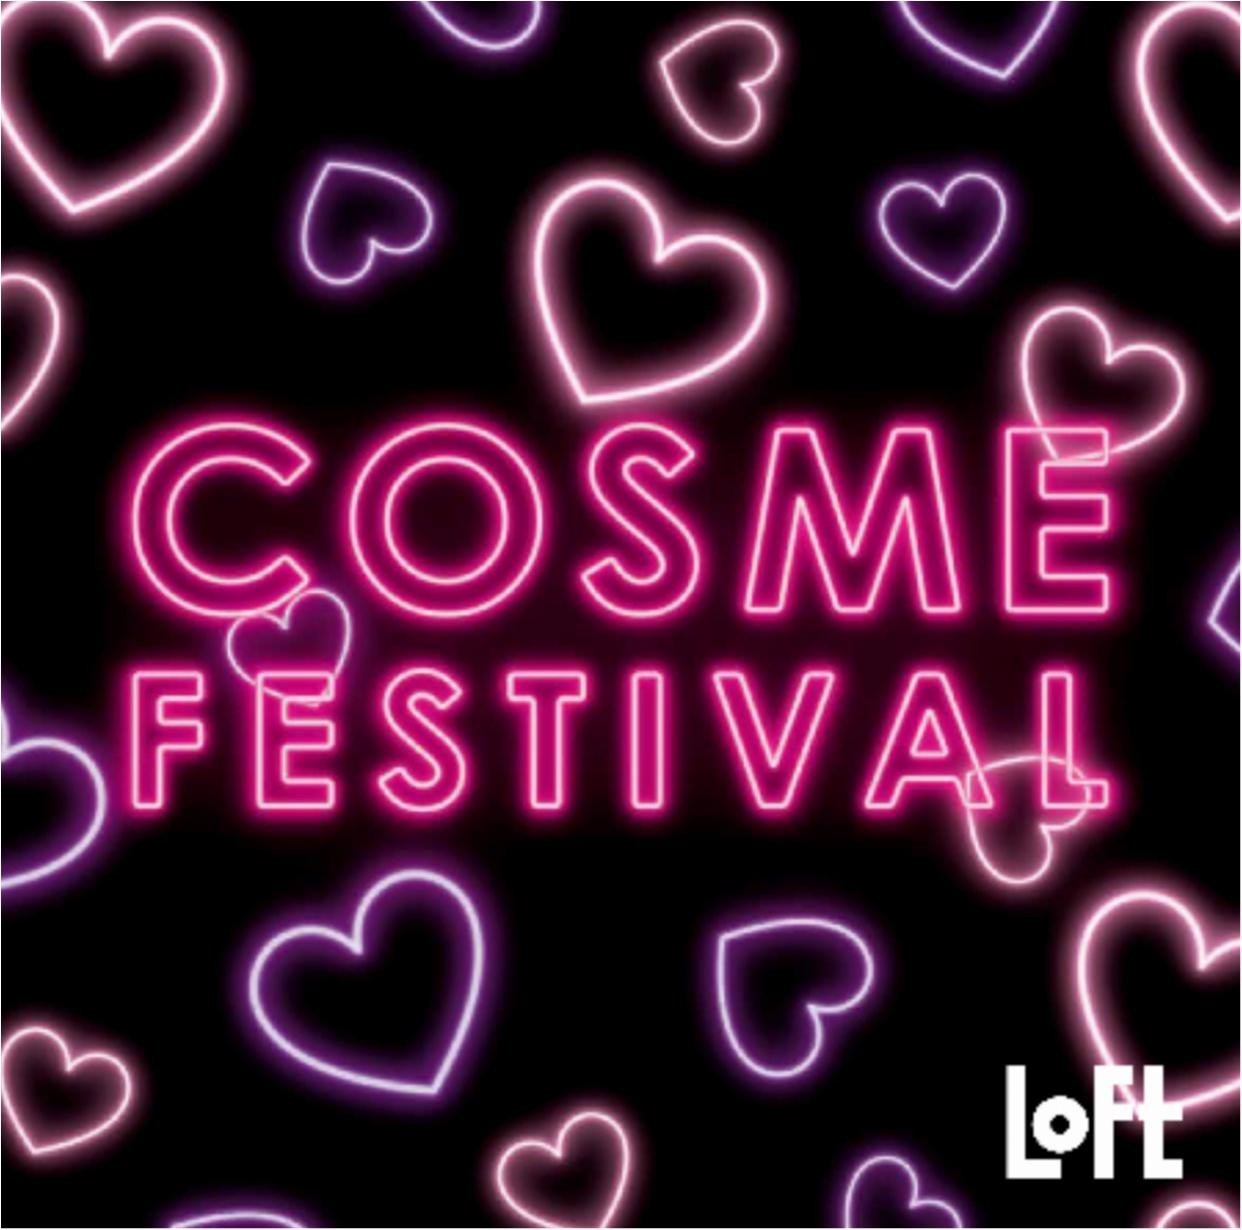 気になるコスメが沢山♡ロフトのコスメフェスティバル☆今回のデザインテーマは*「Neon Pink Party!!」(ネオンピンクパーティ)*_2